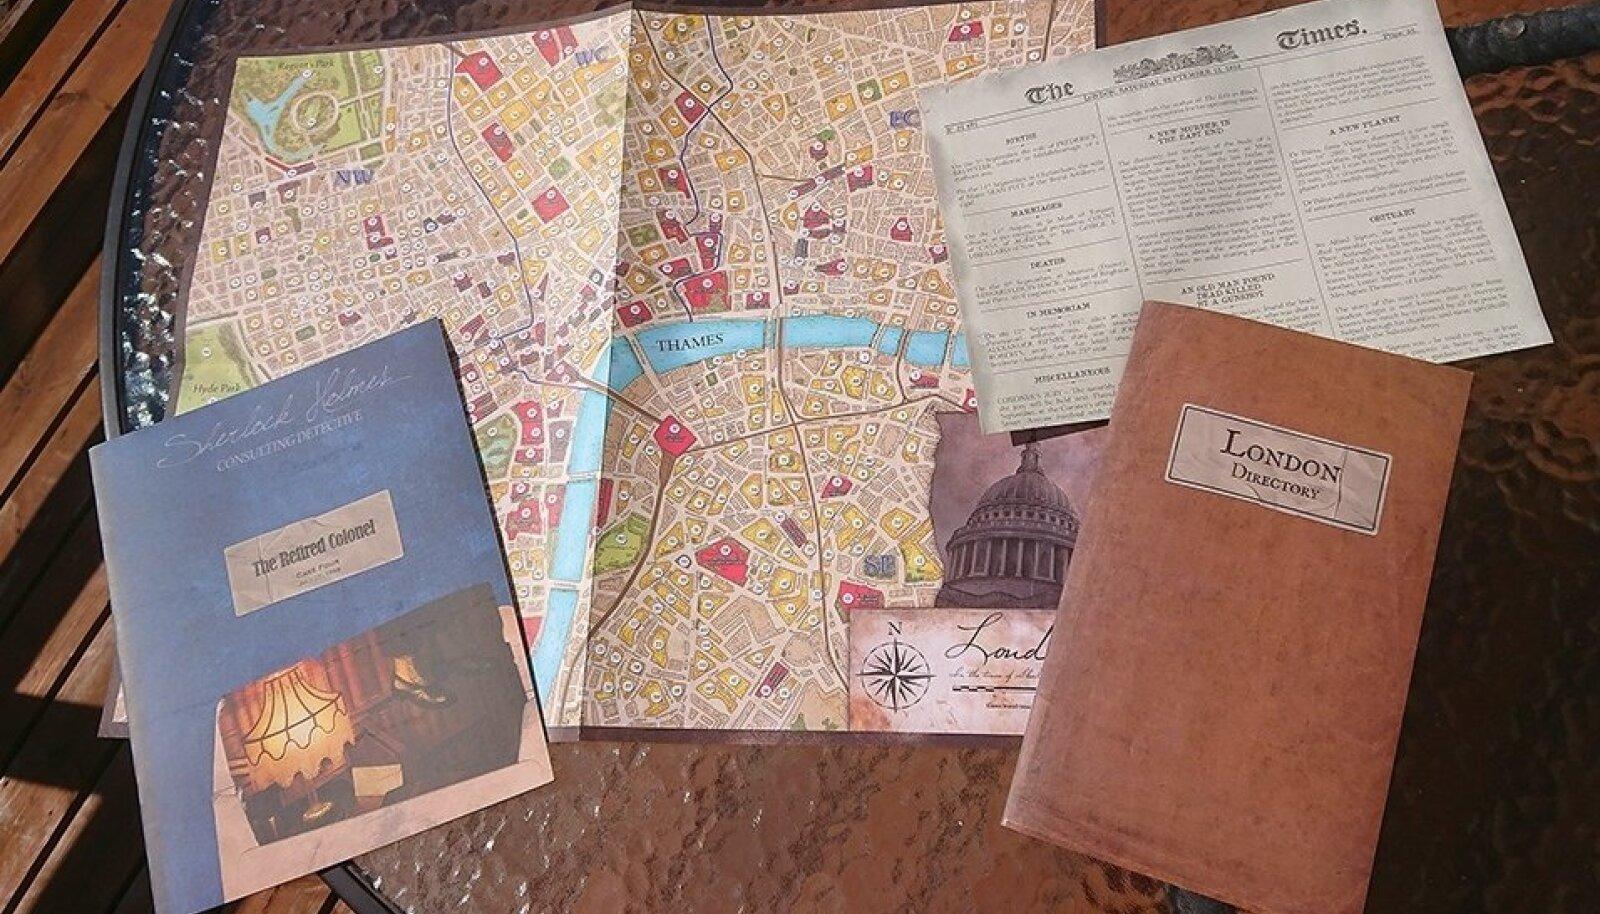 """JUURDLUS VÕIB ALATA: Kõik, mida läheb vaja """"Sherlock Holmes Consulting Detective'i"""" mängimiseks - Londoni kaart ja aadressraamat, tänane The Times ja juhtumibrošüür. Kõik peale viimase on veebist tasuta allalaaditavad."""